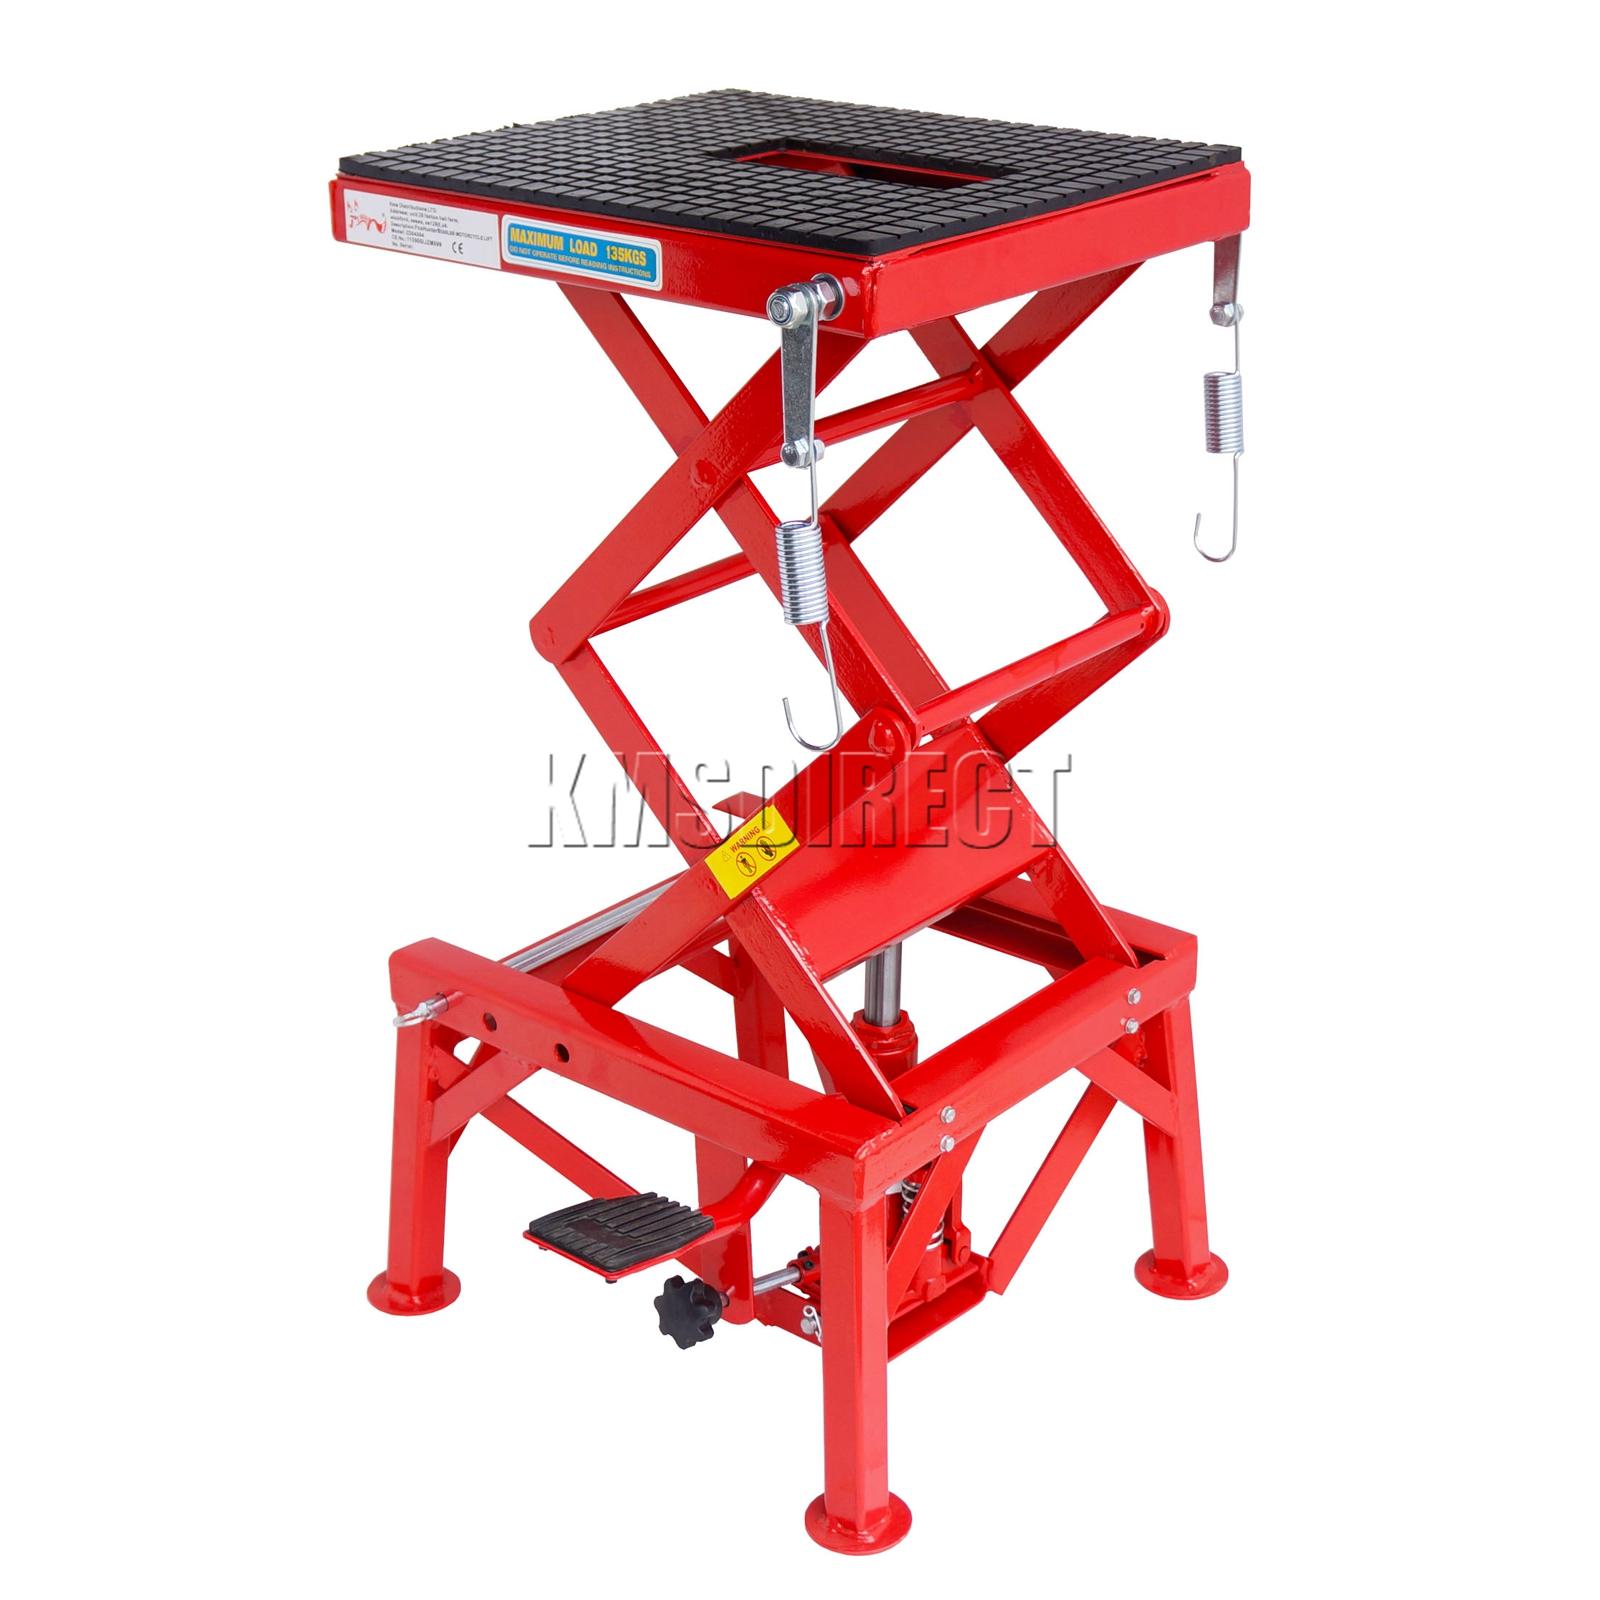 Heavy Duty Hydraulic Lifts : Heavy duty hydraulic lbs scissor motor bike atv quad